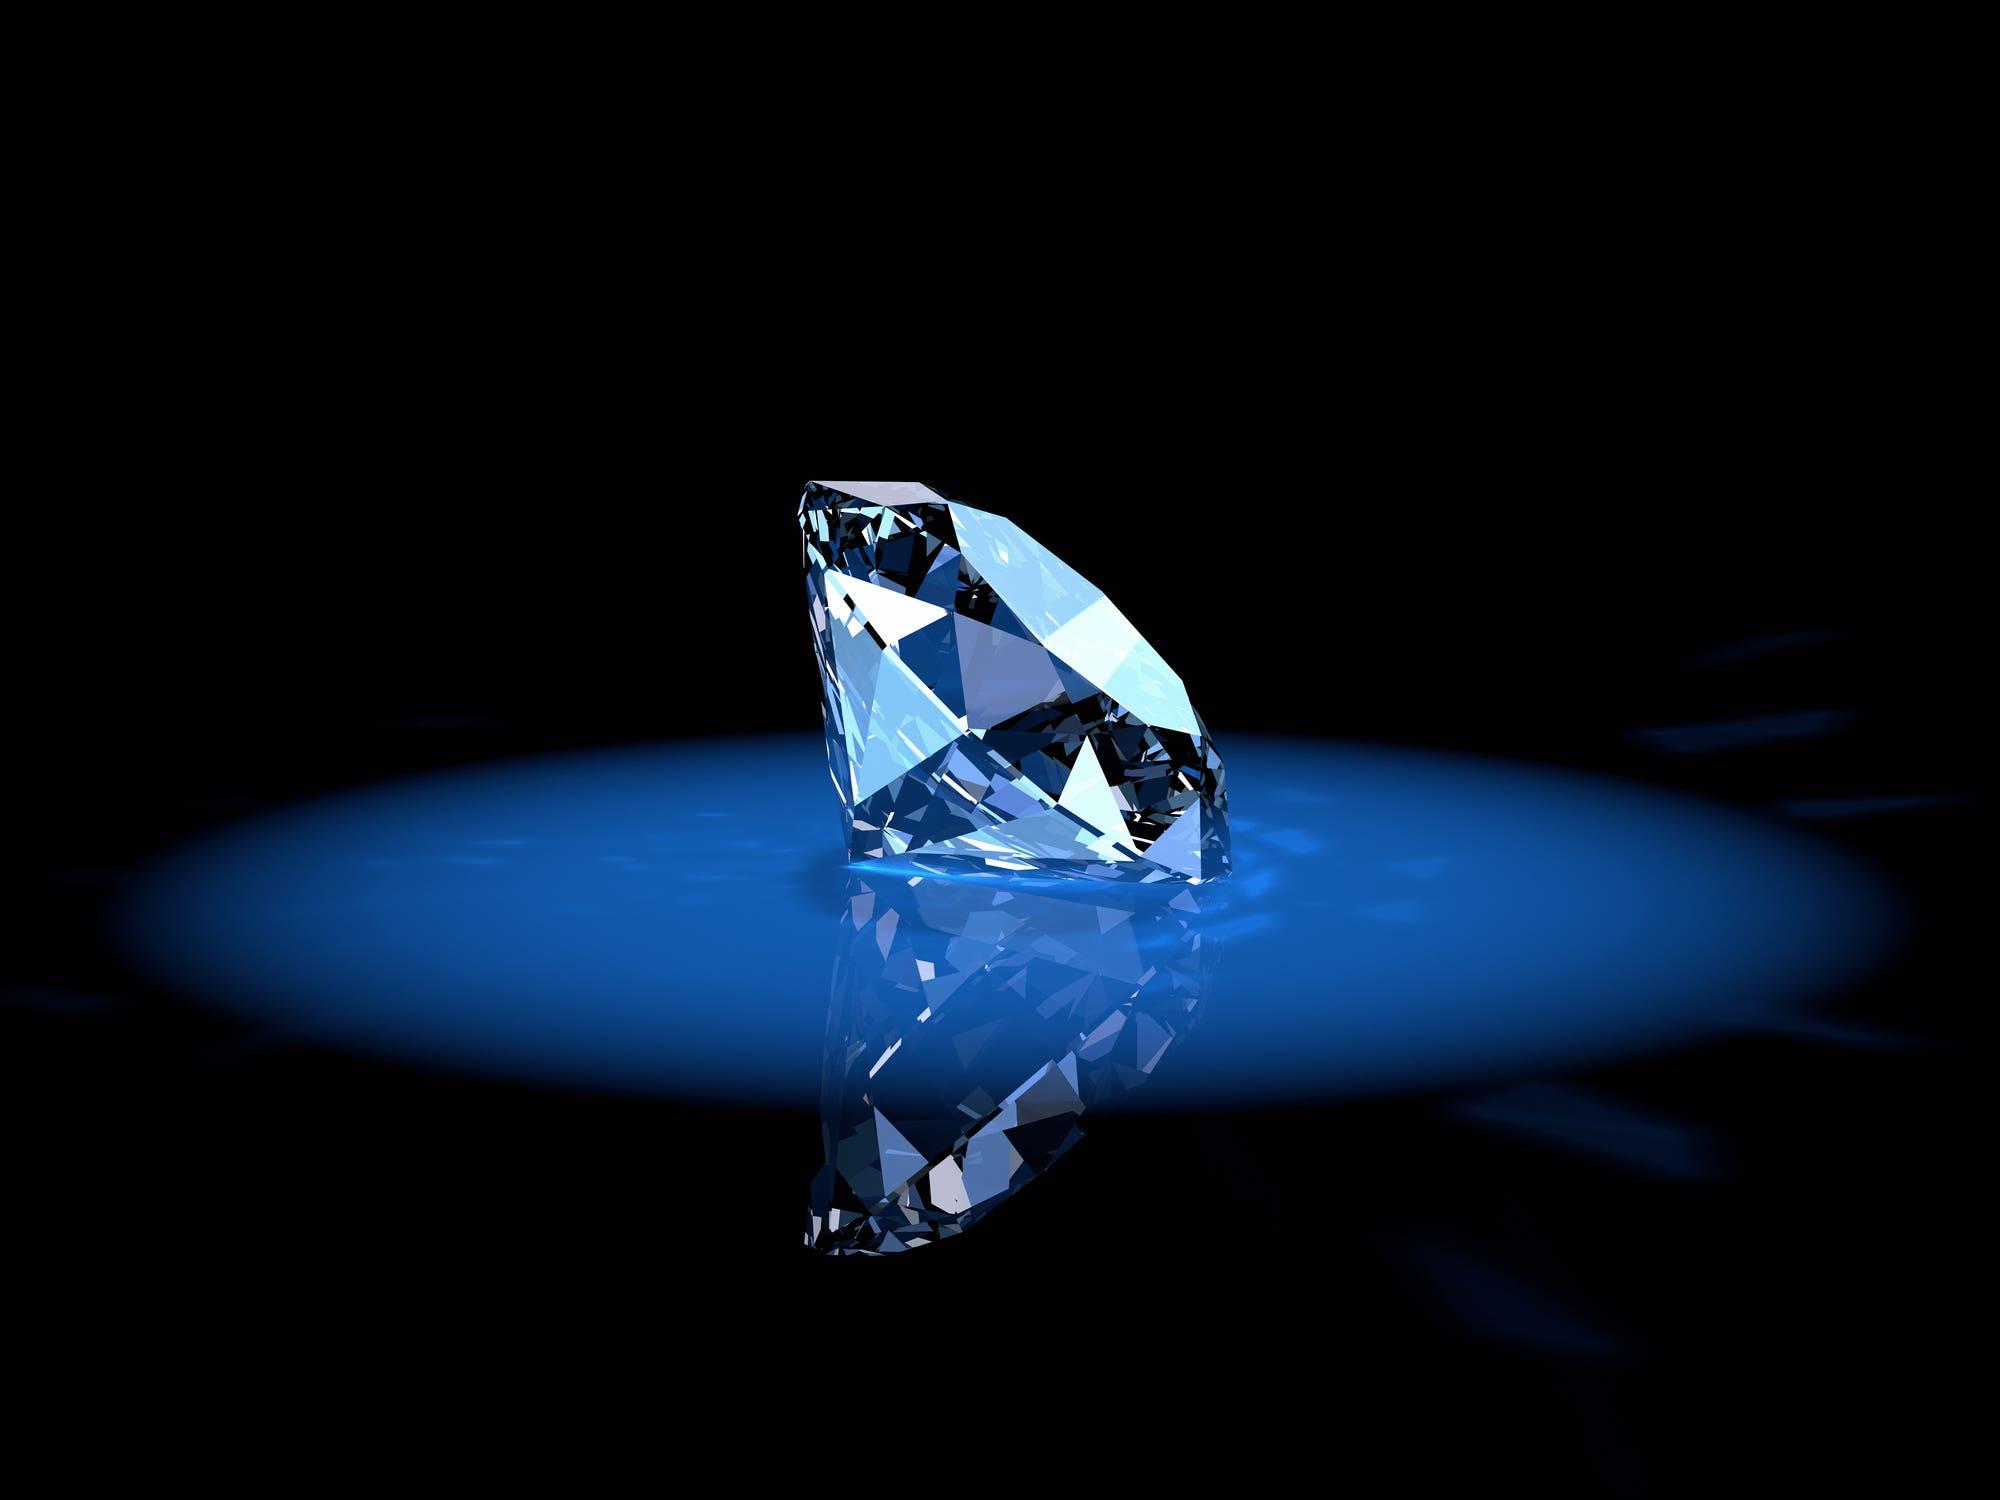 Brilliant shiny diamond